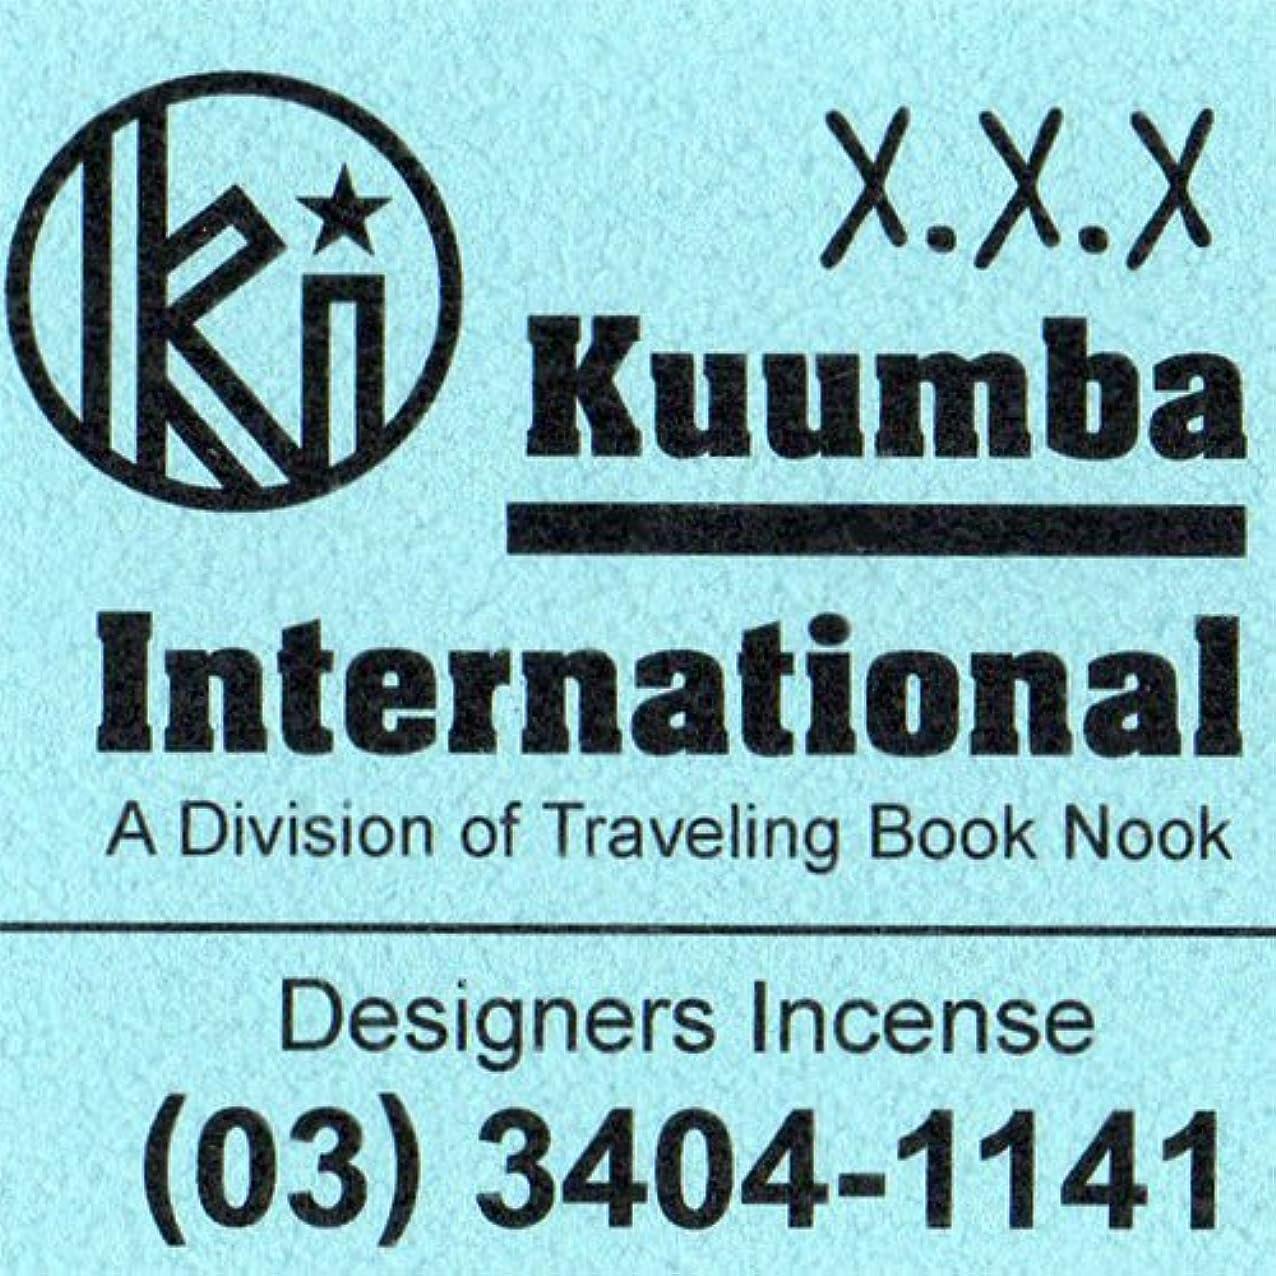 摂氏伸ばす正確さKUUMBA/クンバ『incense』(X.X.X) (Regular size)